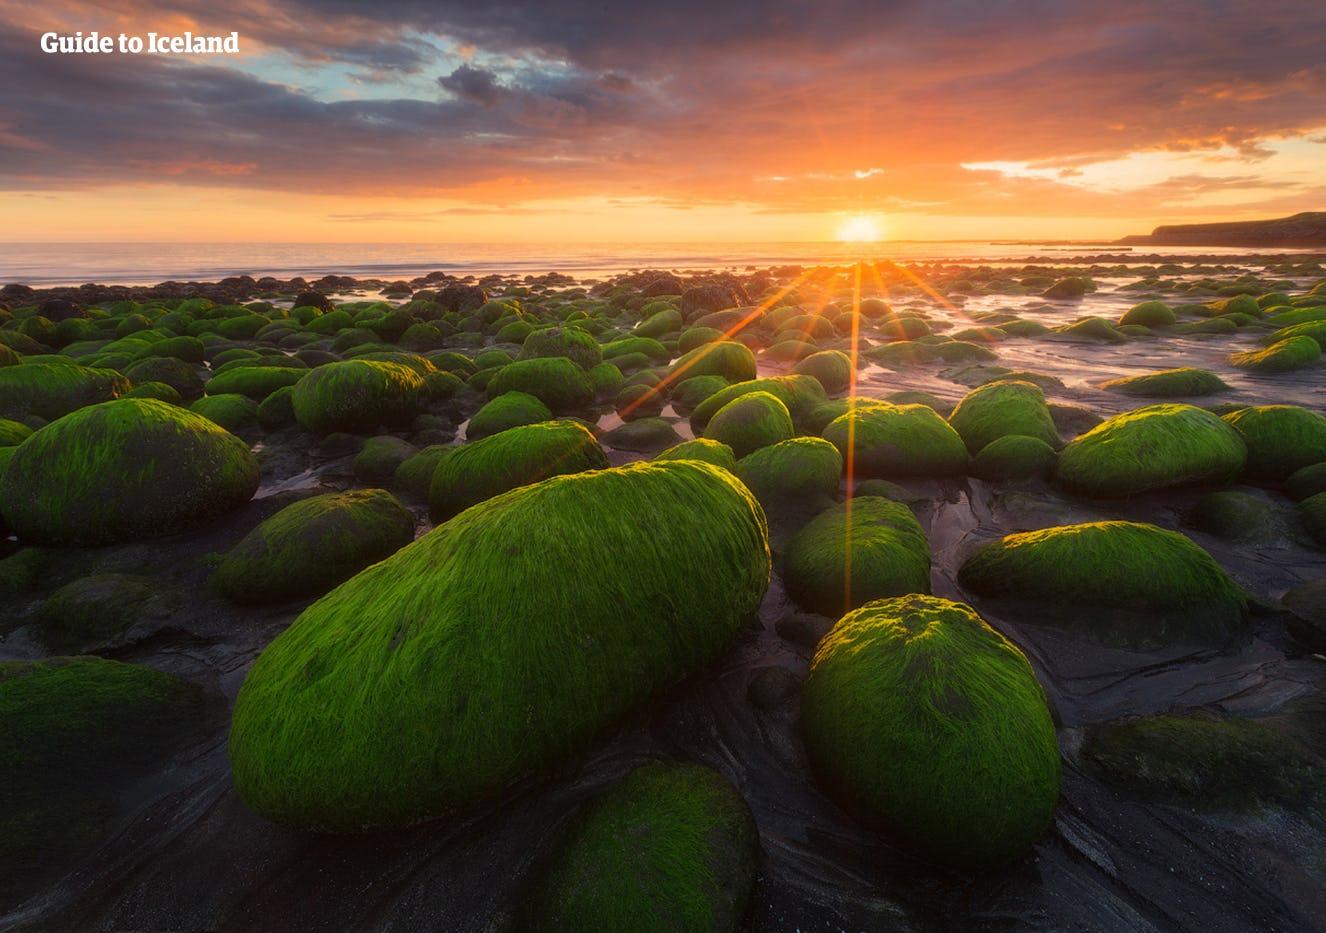 La penisola di Reykjanes è conosciuta per la sua incredibile bellezza naturale.